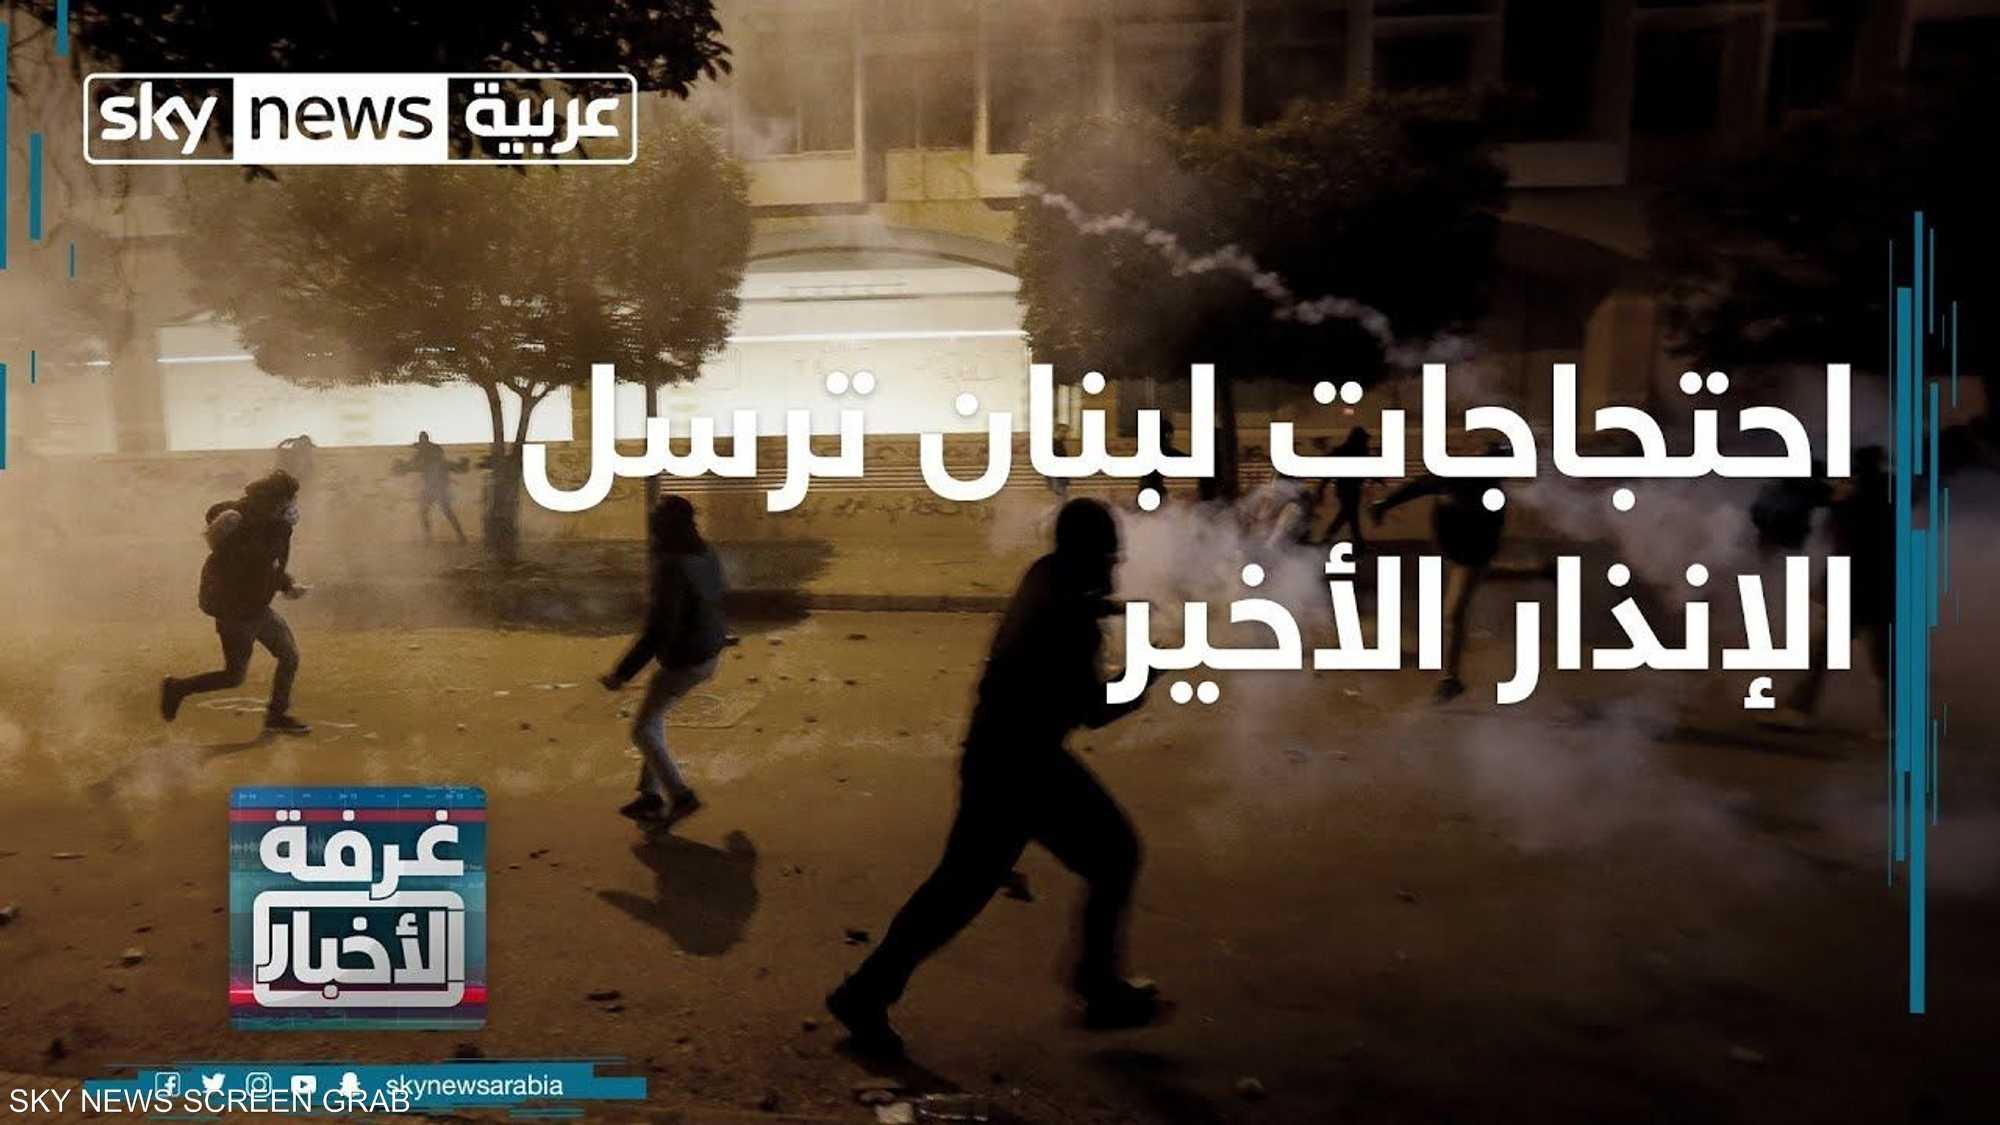 احتجاجات لبنان ترسل الإنذار الأخير